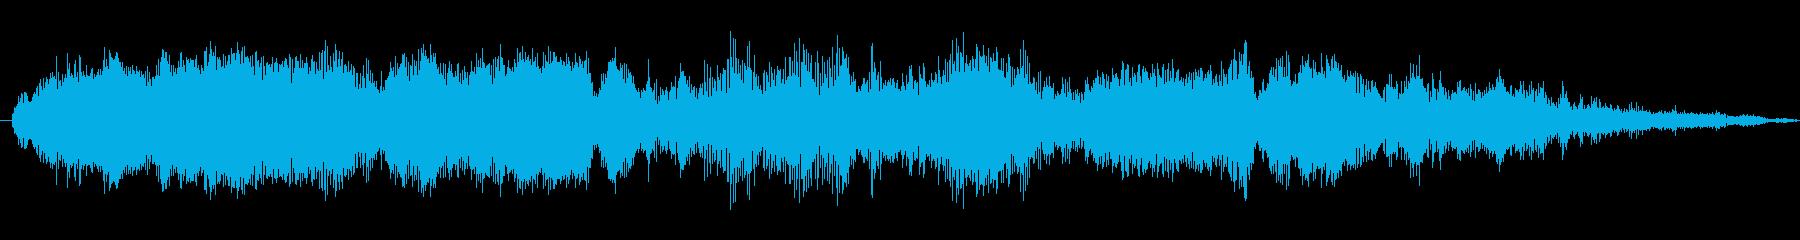 中空スクレイピング鳴きの再生済みの波形